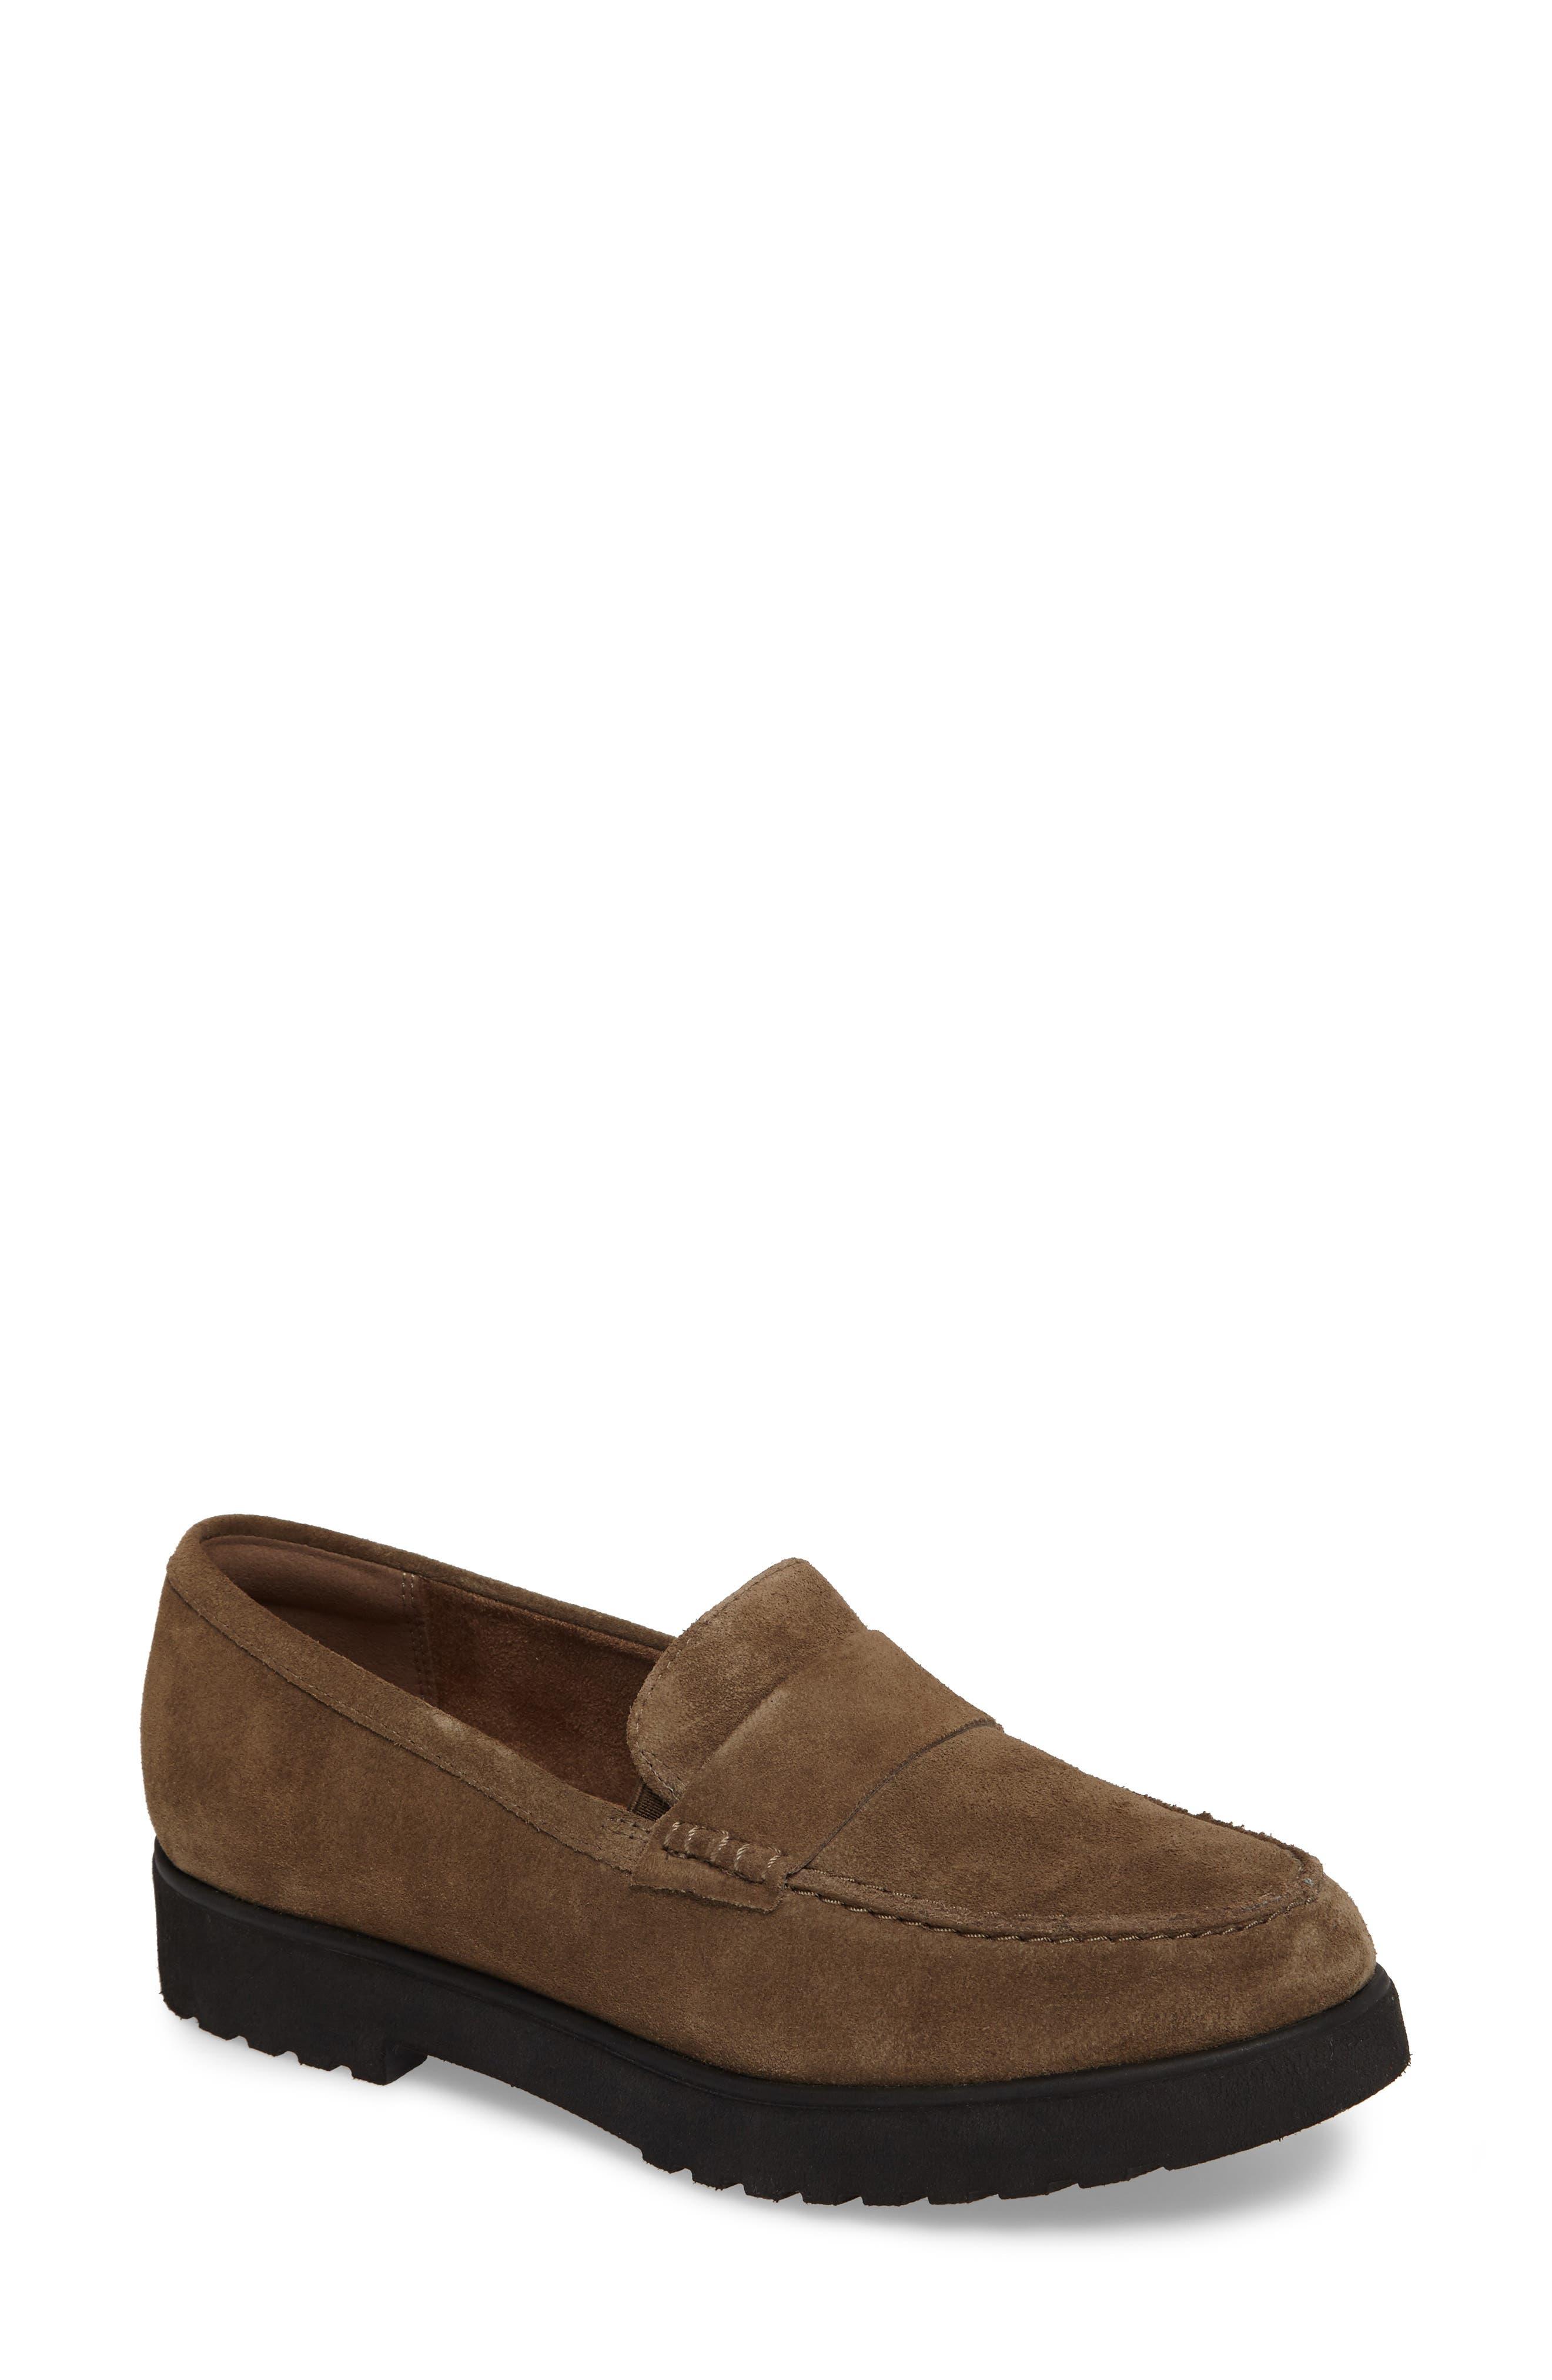 Bellevue Hazen Loafer,                         Main,                         color, Olive Suede